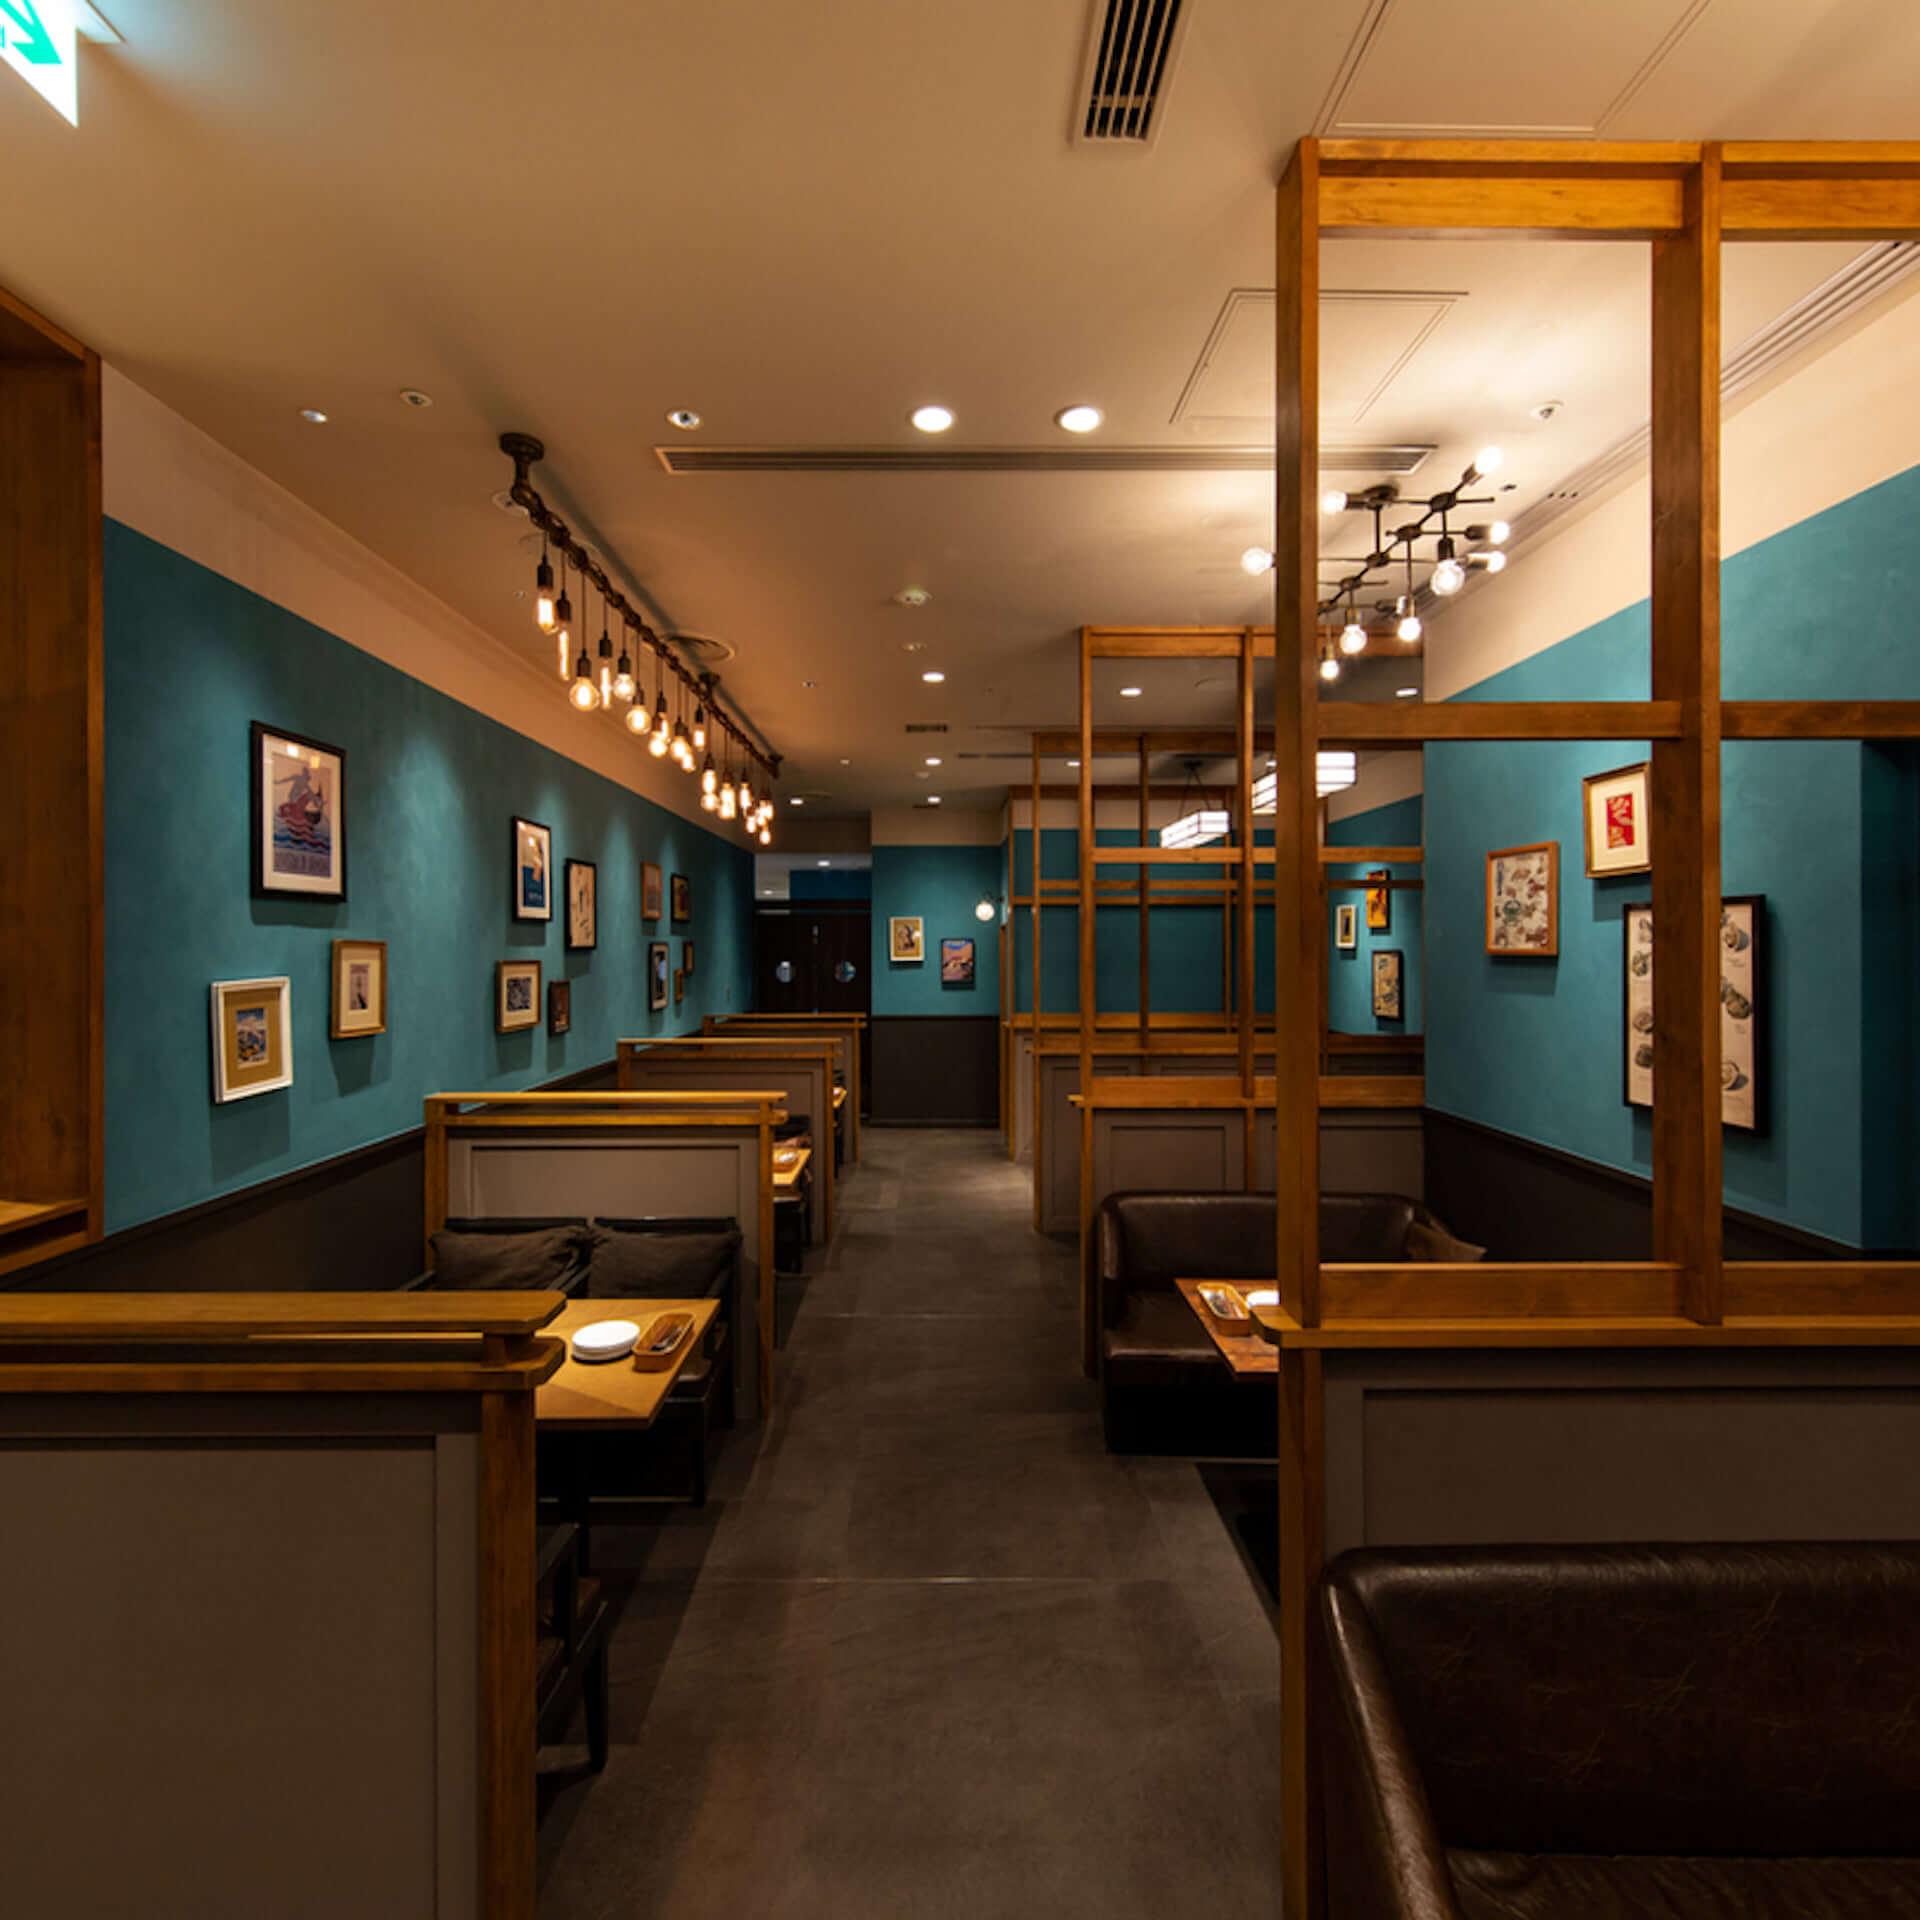 旬を迎えた「オマール海老」を堪能しよう!新宿のイタリアン・cicciで<とびきり美味しいオマール海老フェア>が明日開催 gourmet200902_cicci-shinjuku_1-1920x1920